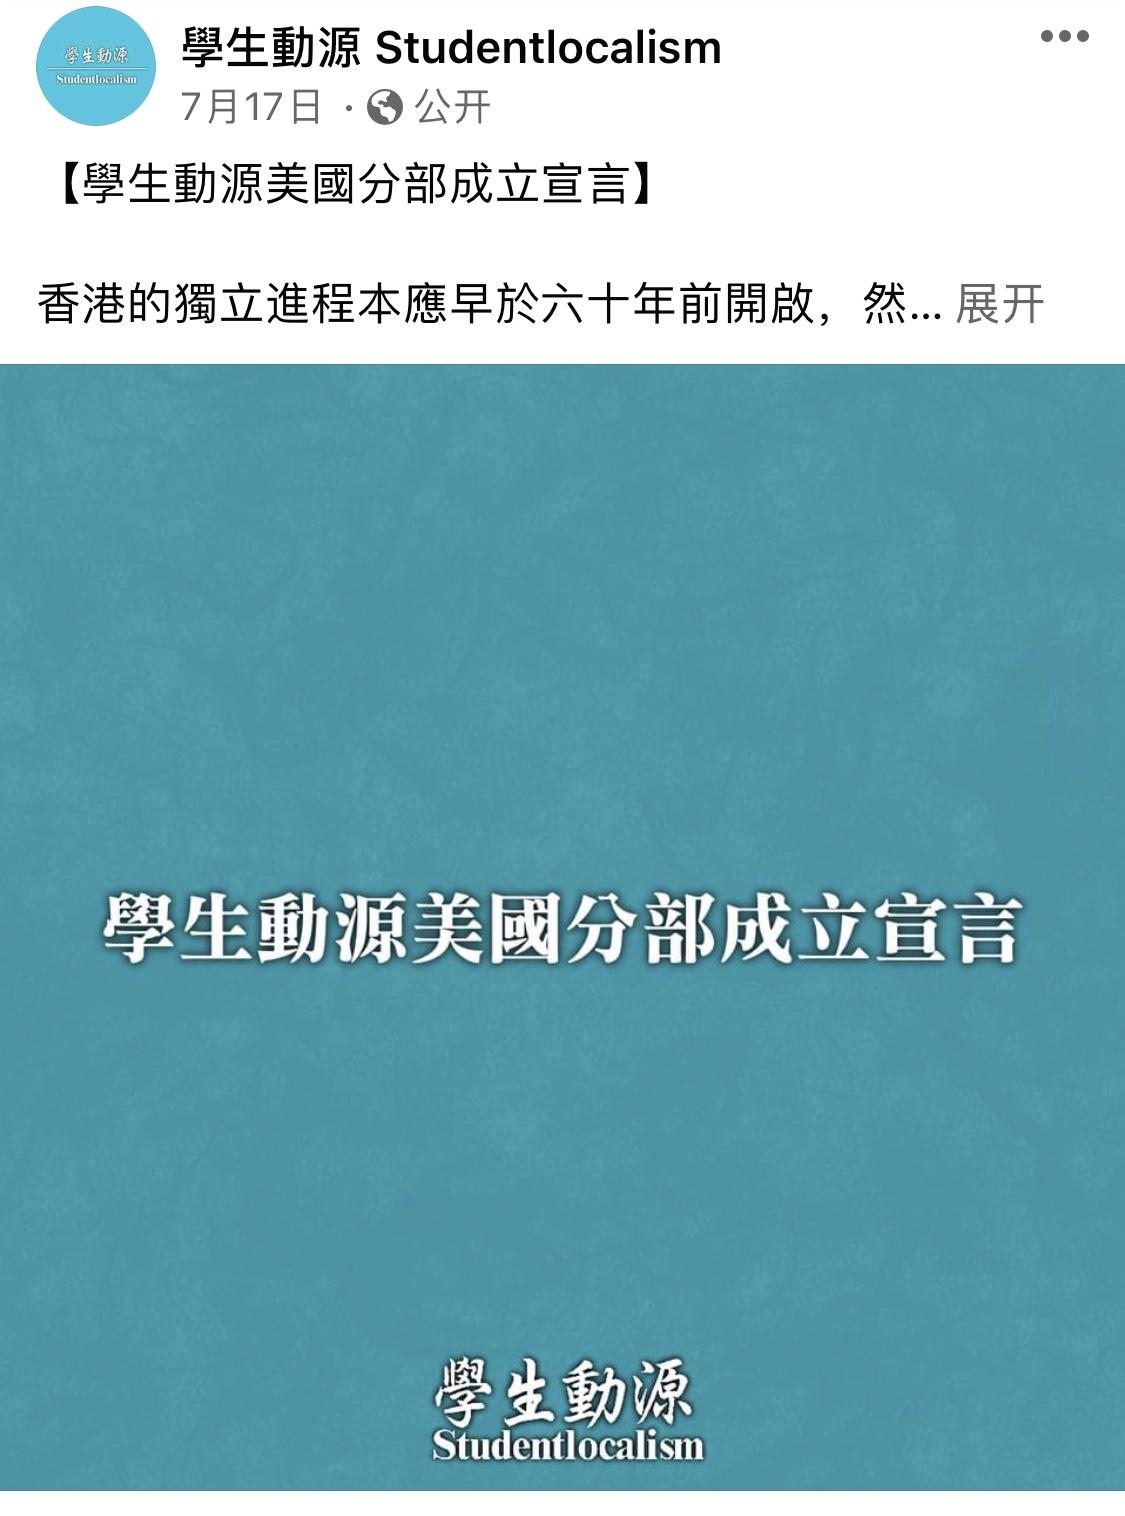 """学生动源在脸书上发布的美国分部成立宣言(来源:""""学生动源""""脸书)"""